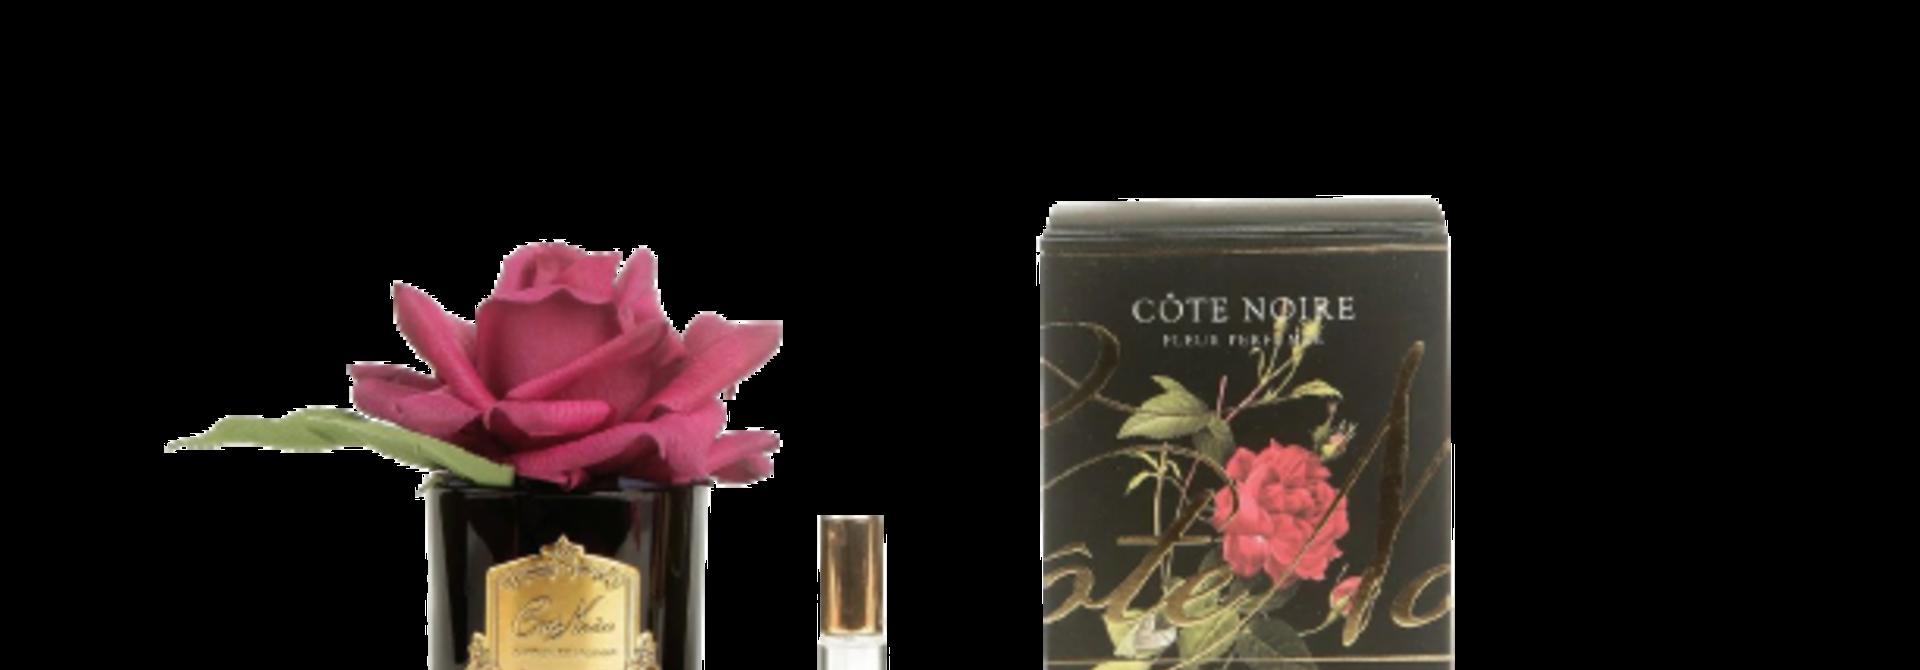 COTE NOIRE - Carmine Red Rose Flower Black Vase